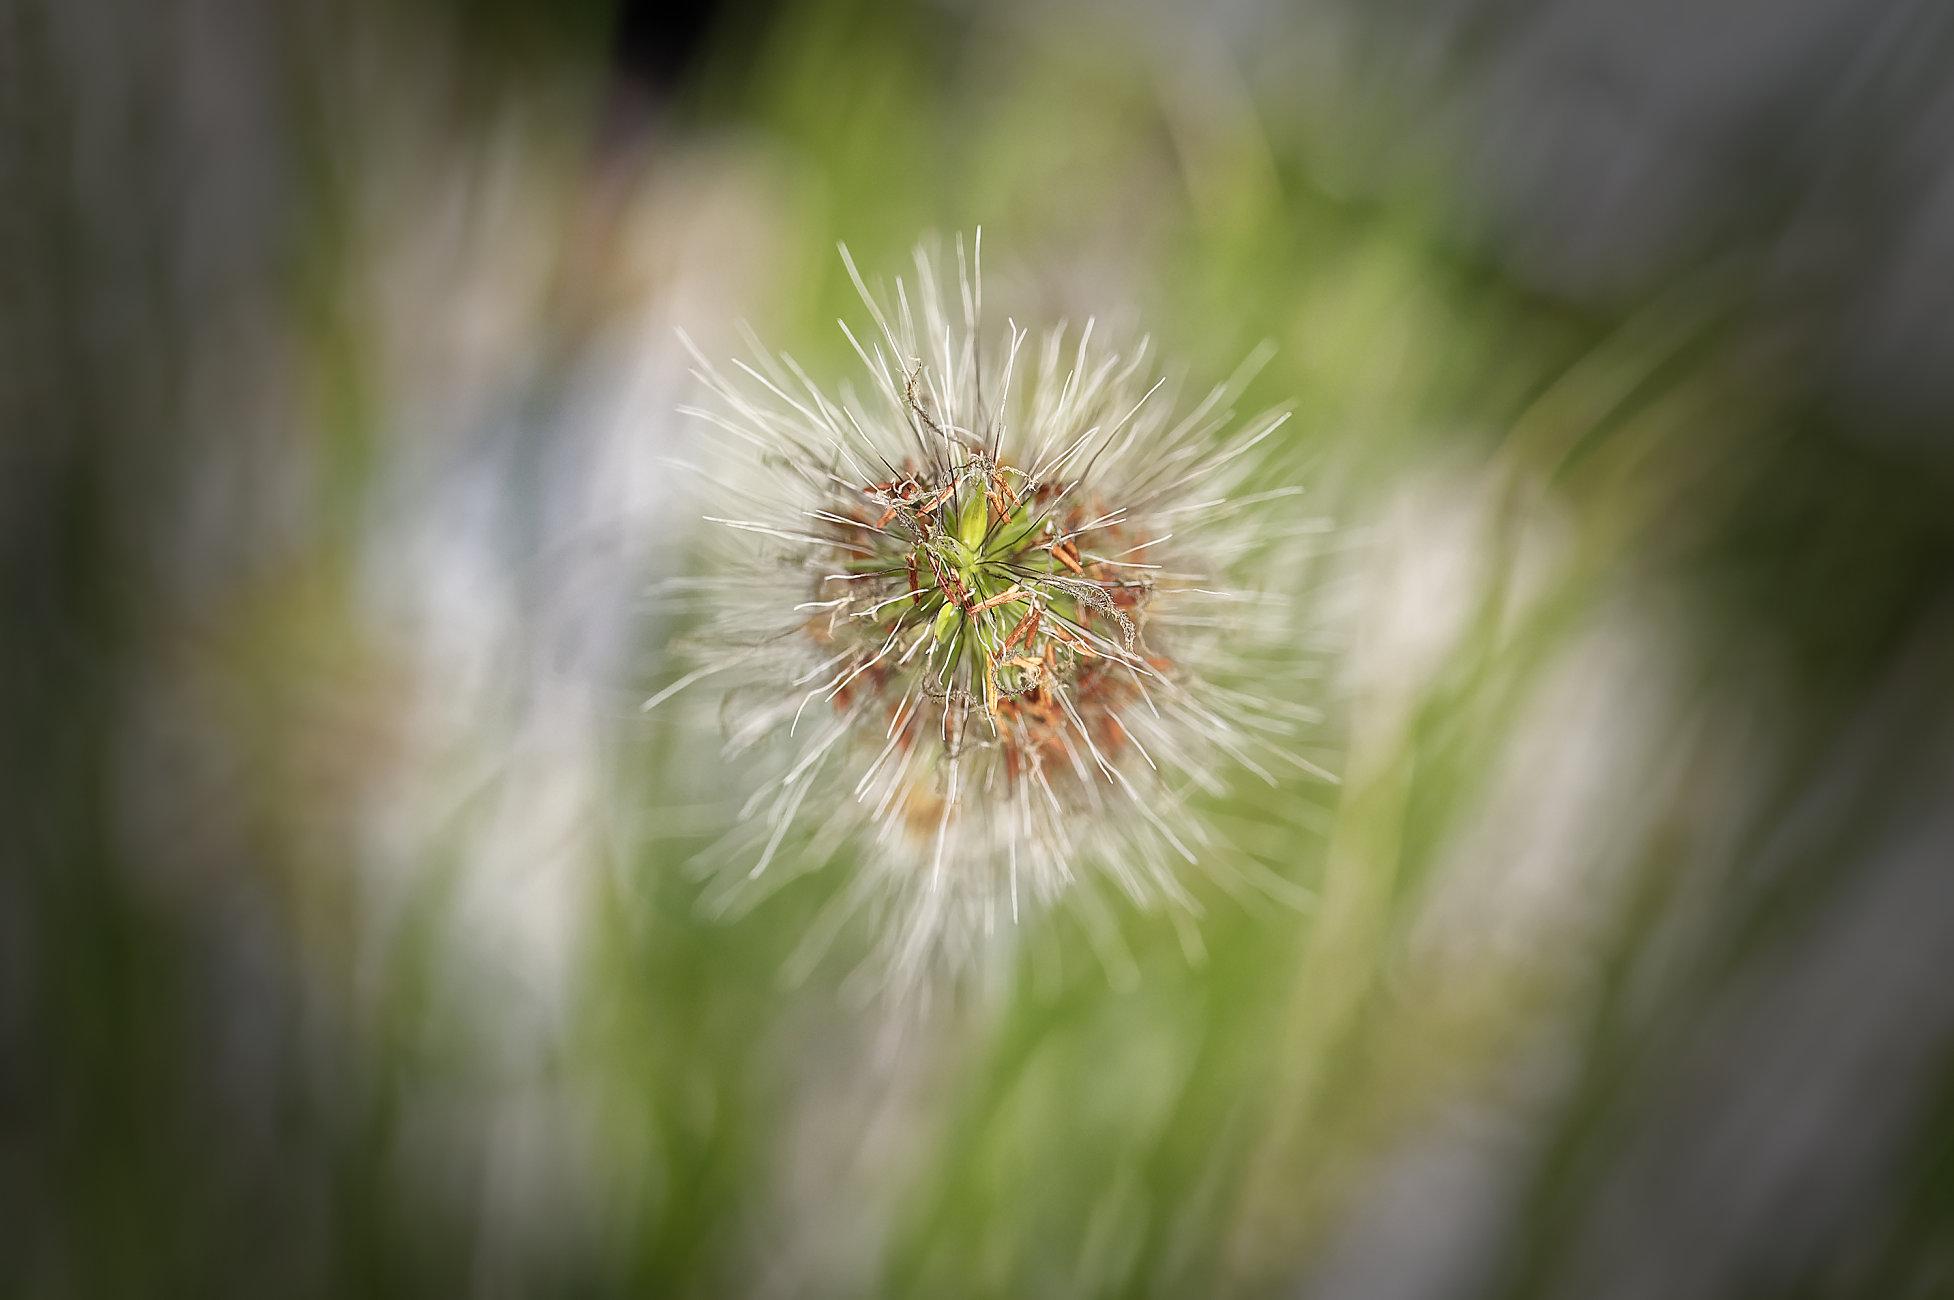 Ornamental grass seed head.